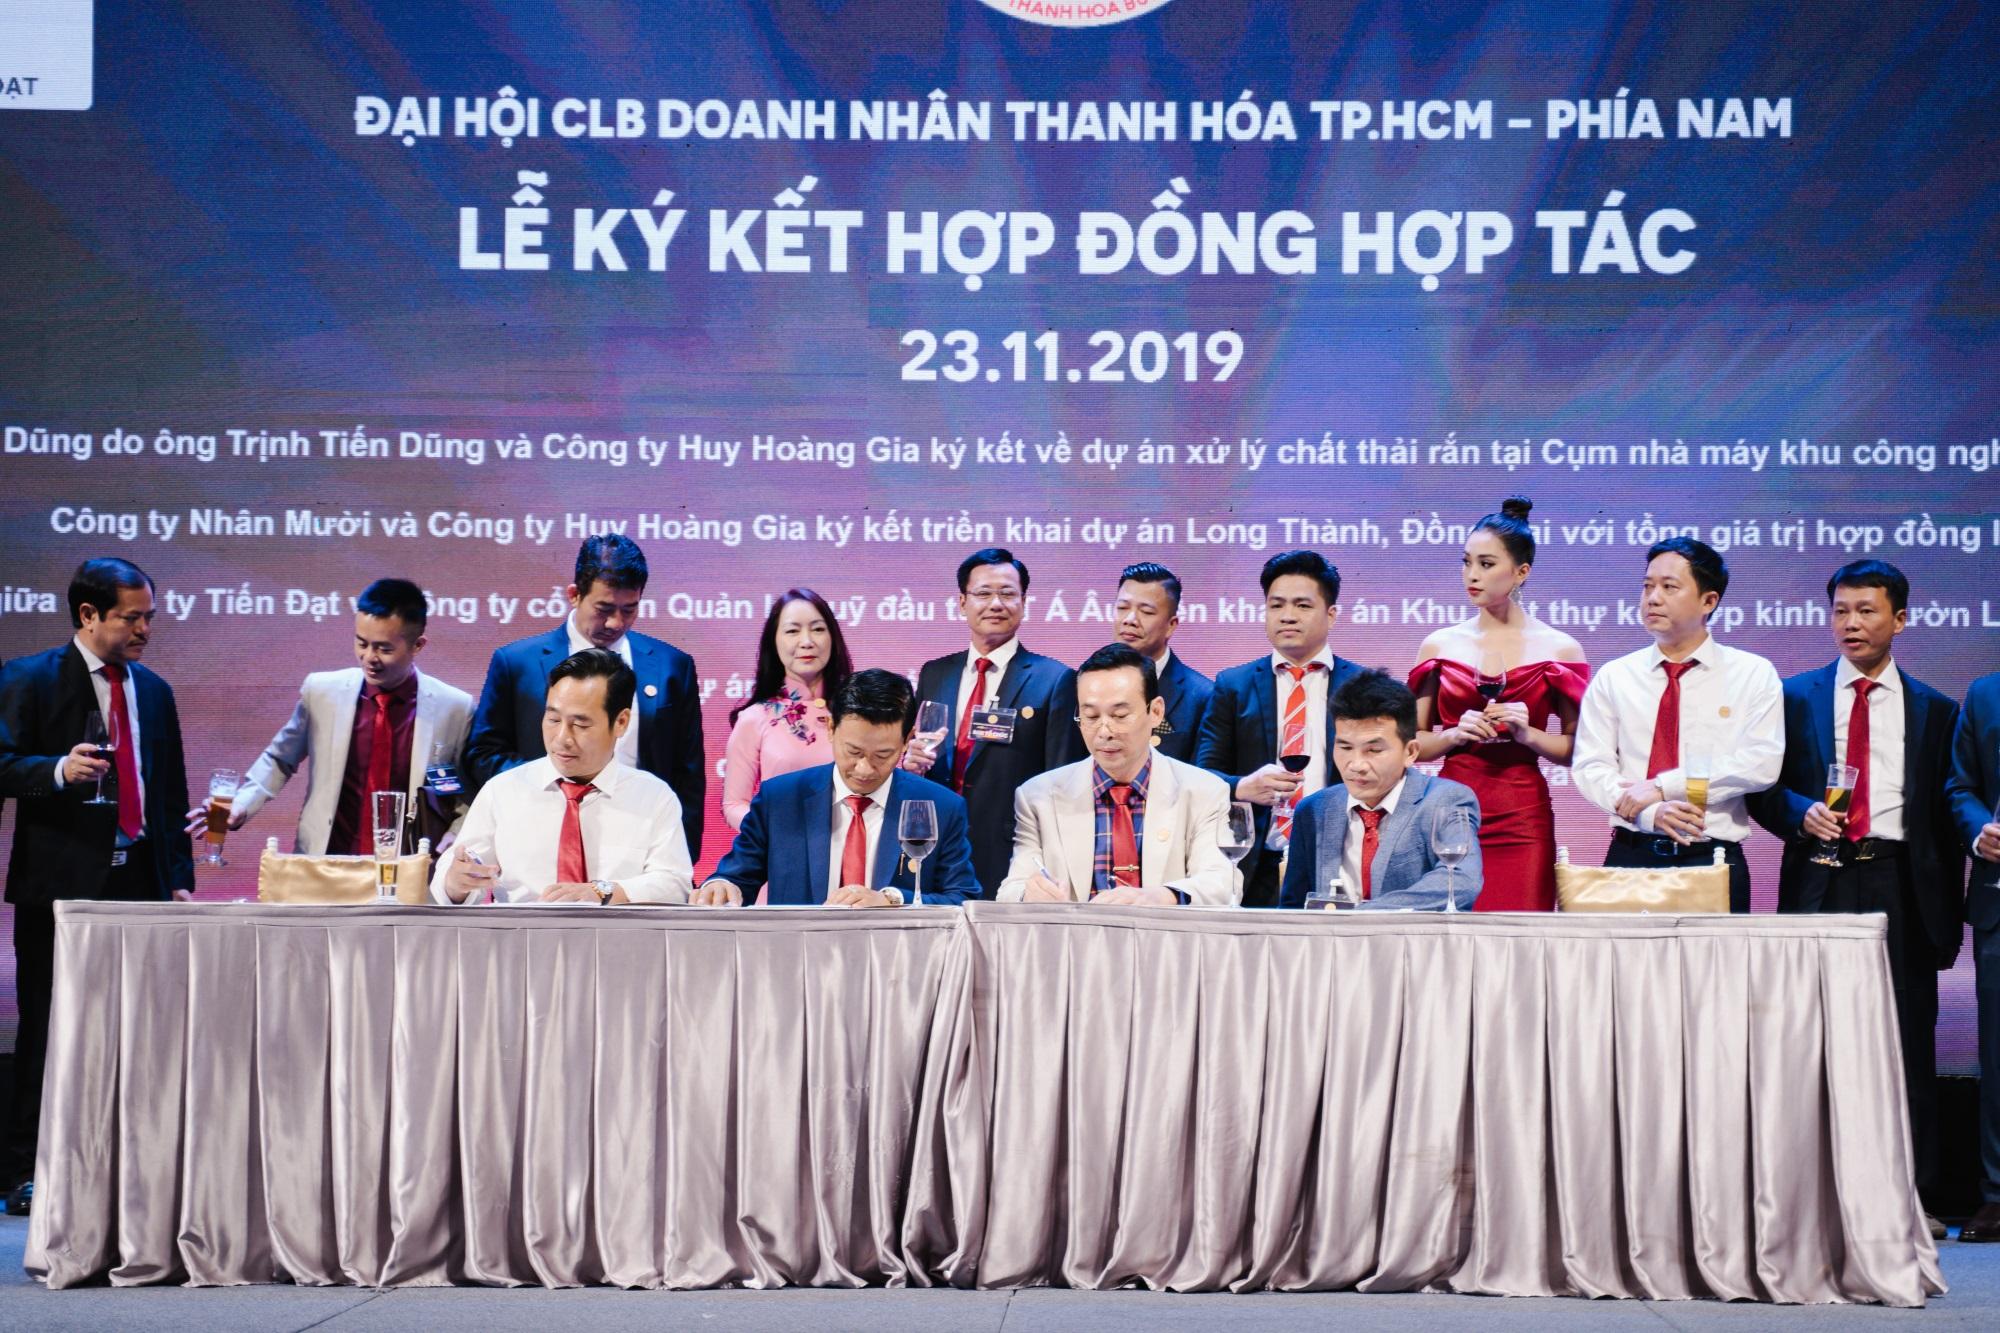 Câu lạc bộ Doanh nhân Thanh Hoá tại TP.HCM kỷ niệm 10 năm thành lập và ra mắt Ban chấp hành mới - Ảnh 7